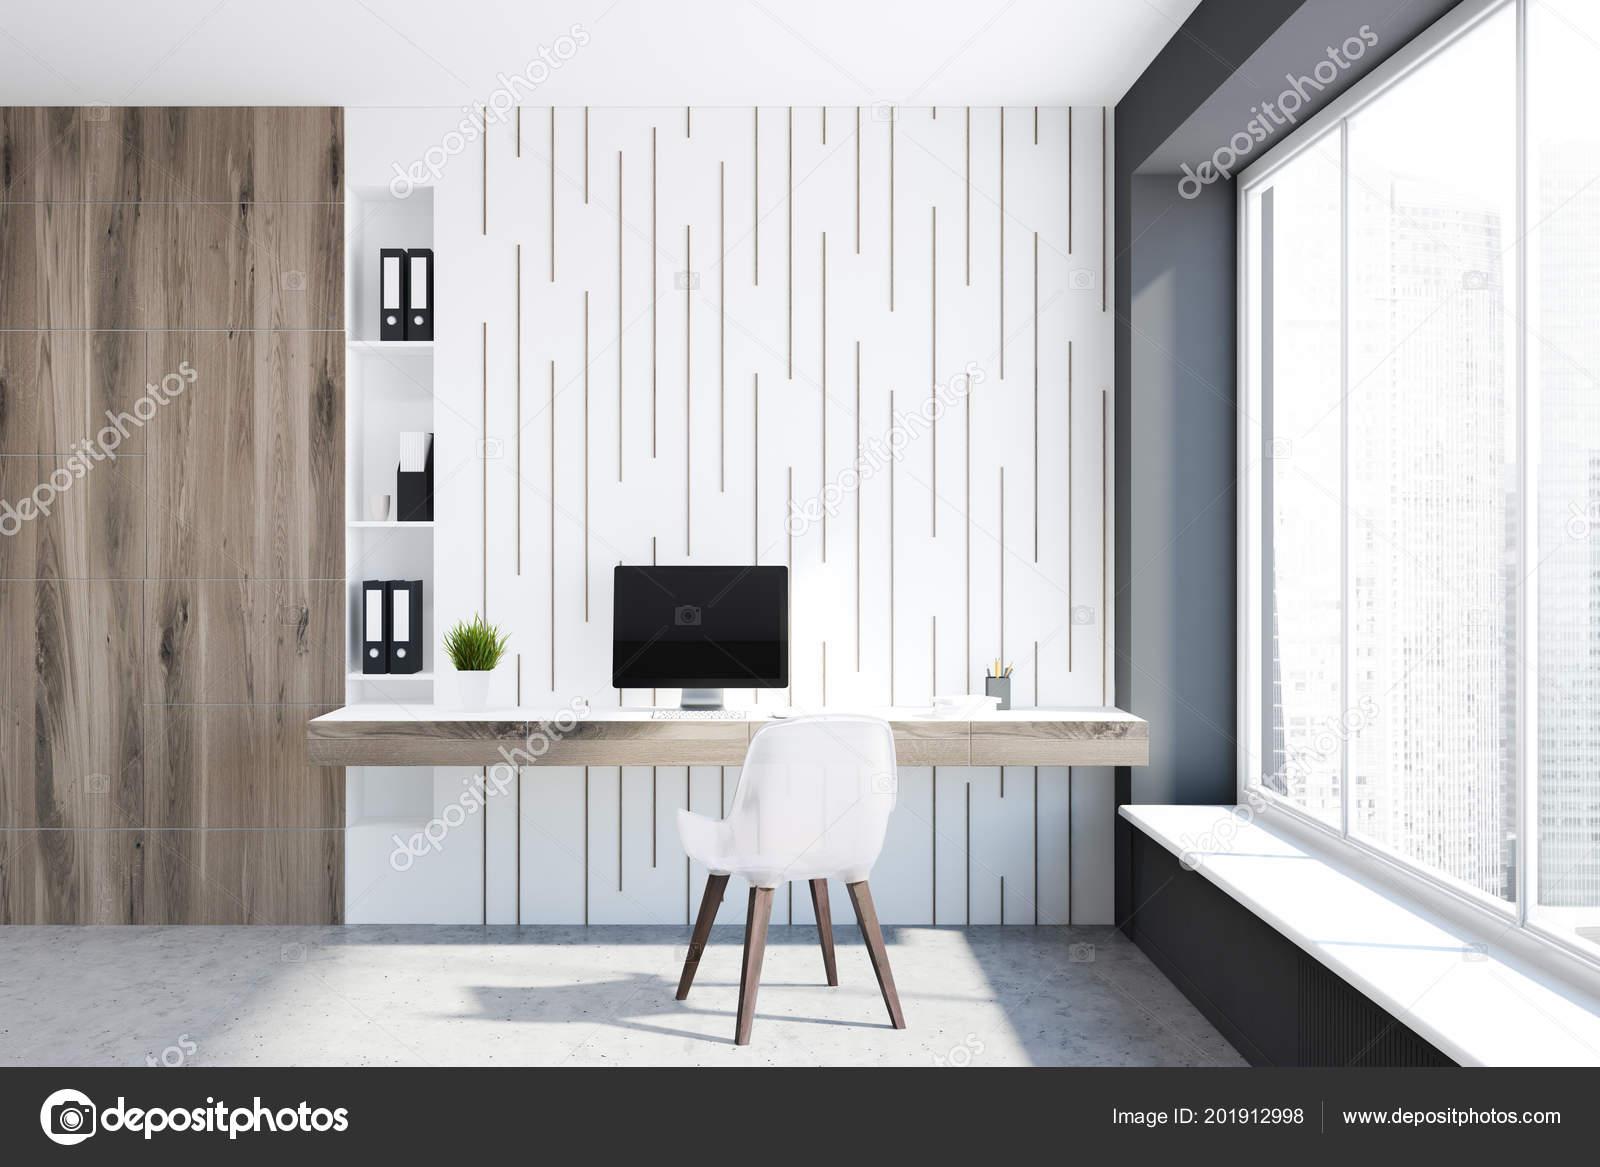 Pareti In Legno Bianco : Parete legno bianco interni ufficio casa pavimento cemento con una